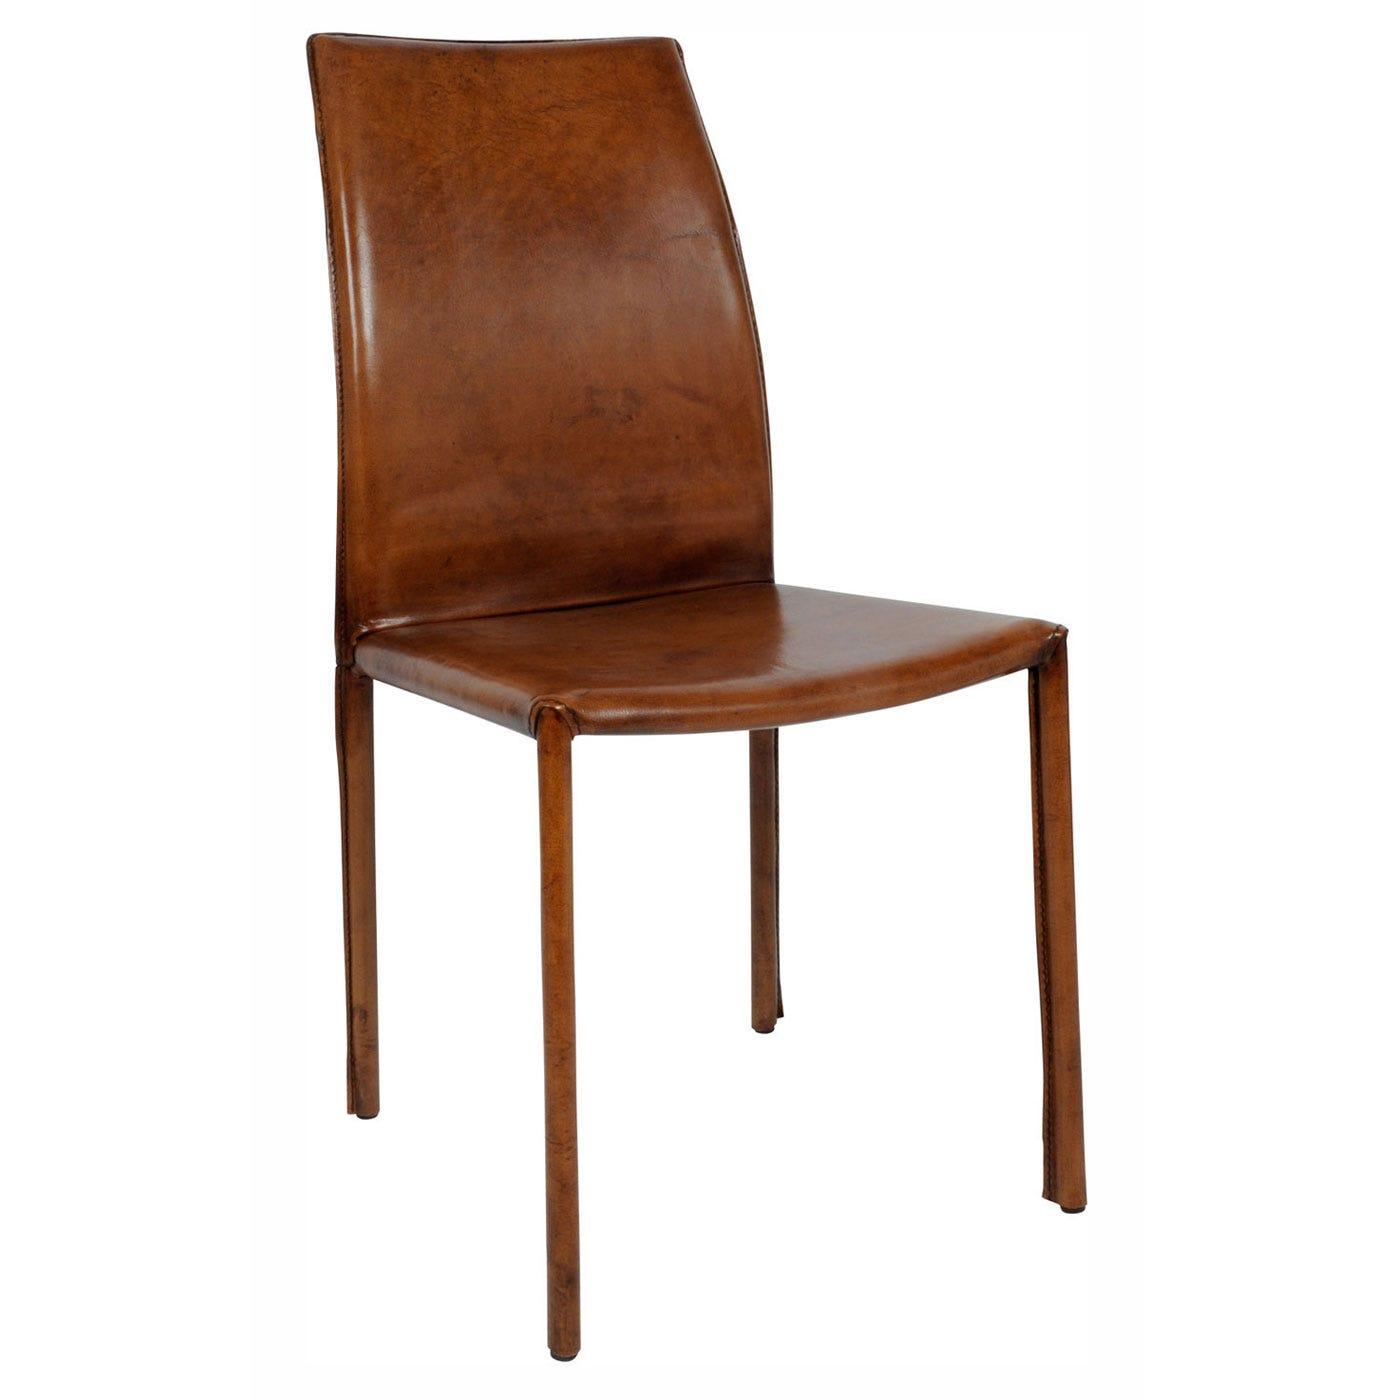 heal's buffalo side chair